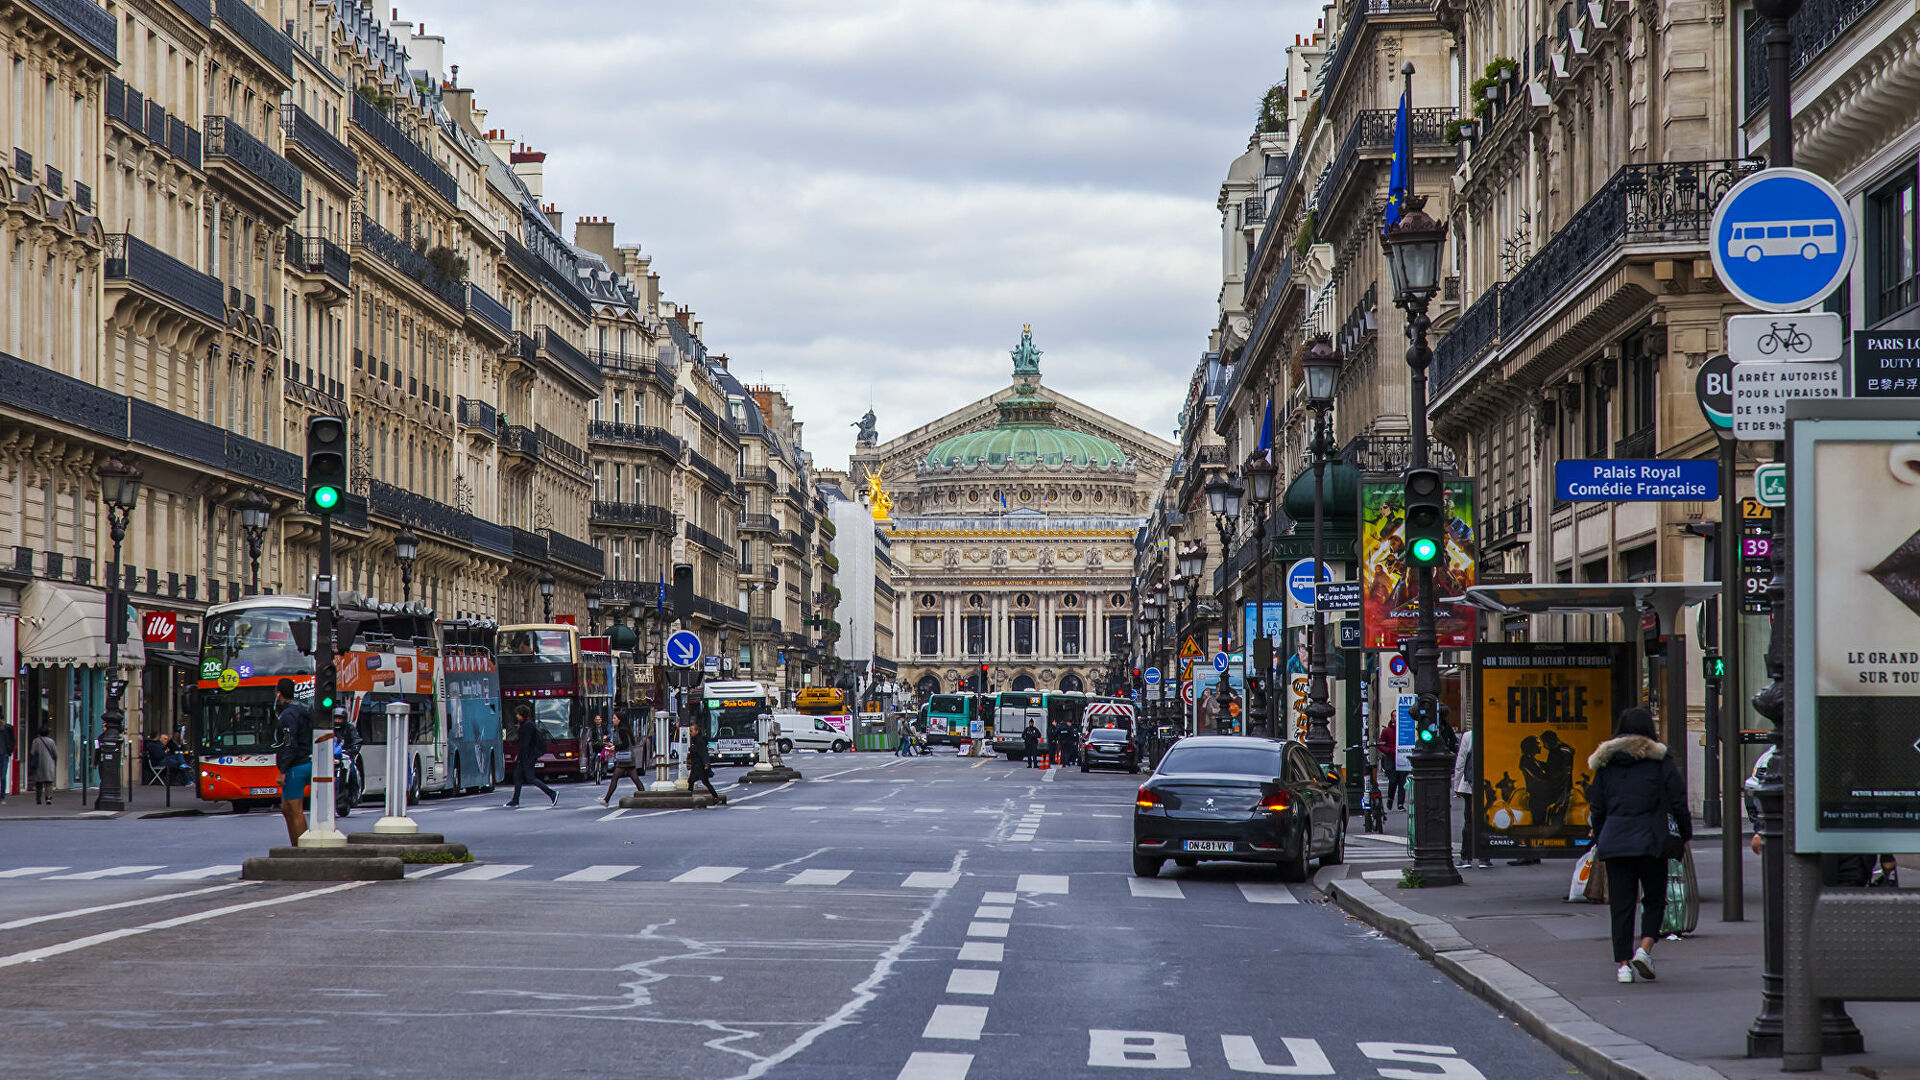 СМИ сообщили о задержании во Франции четверых выходцев из России